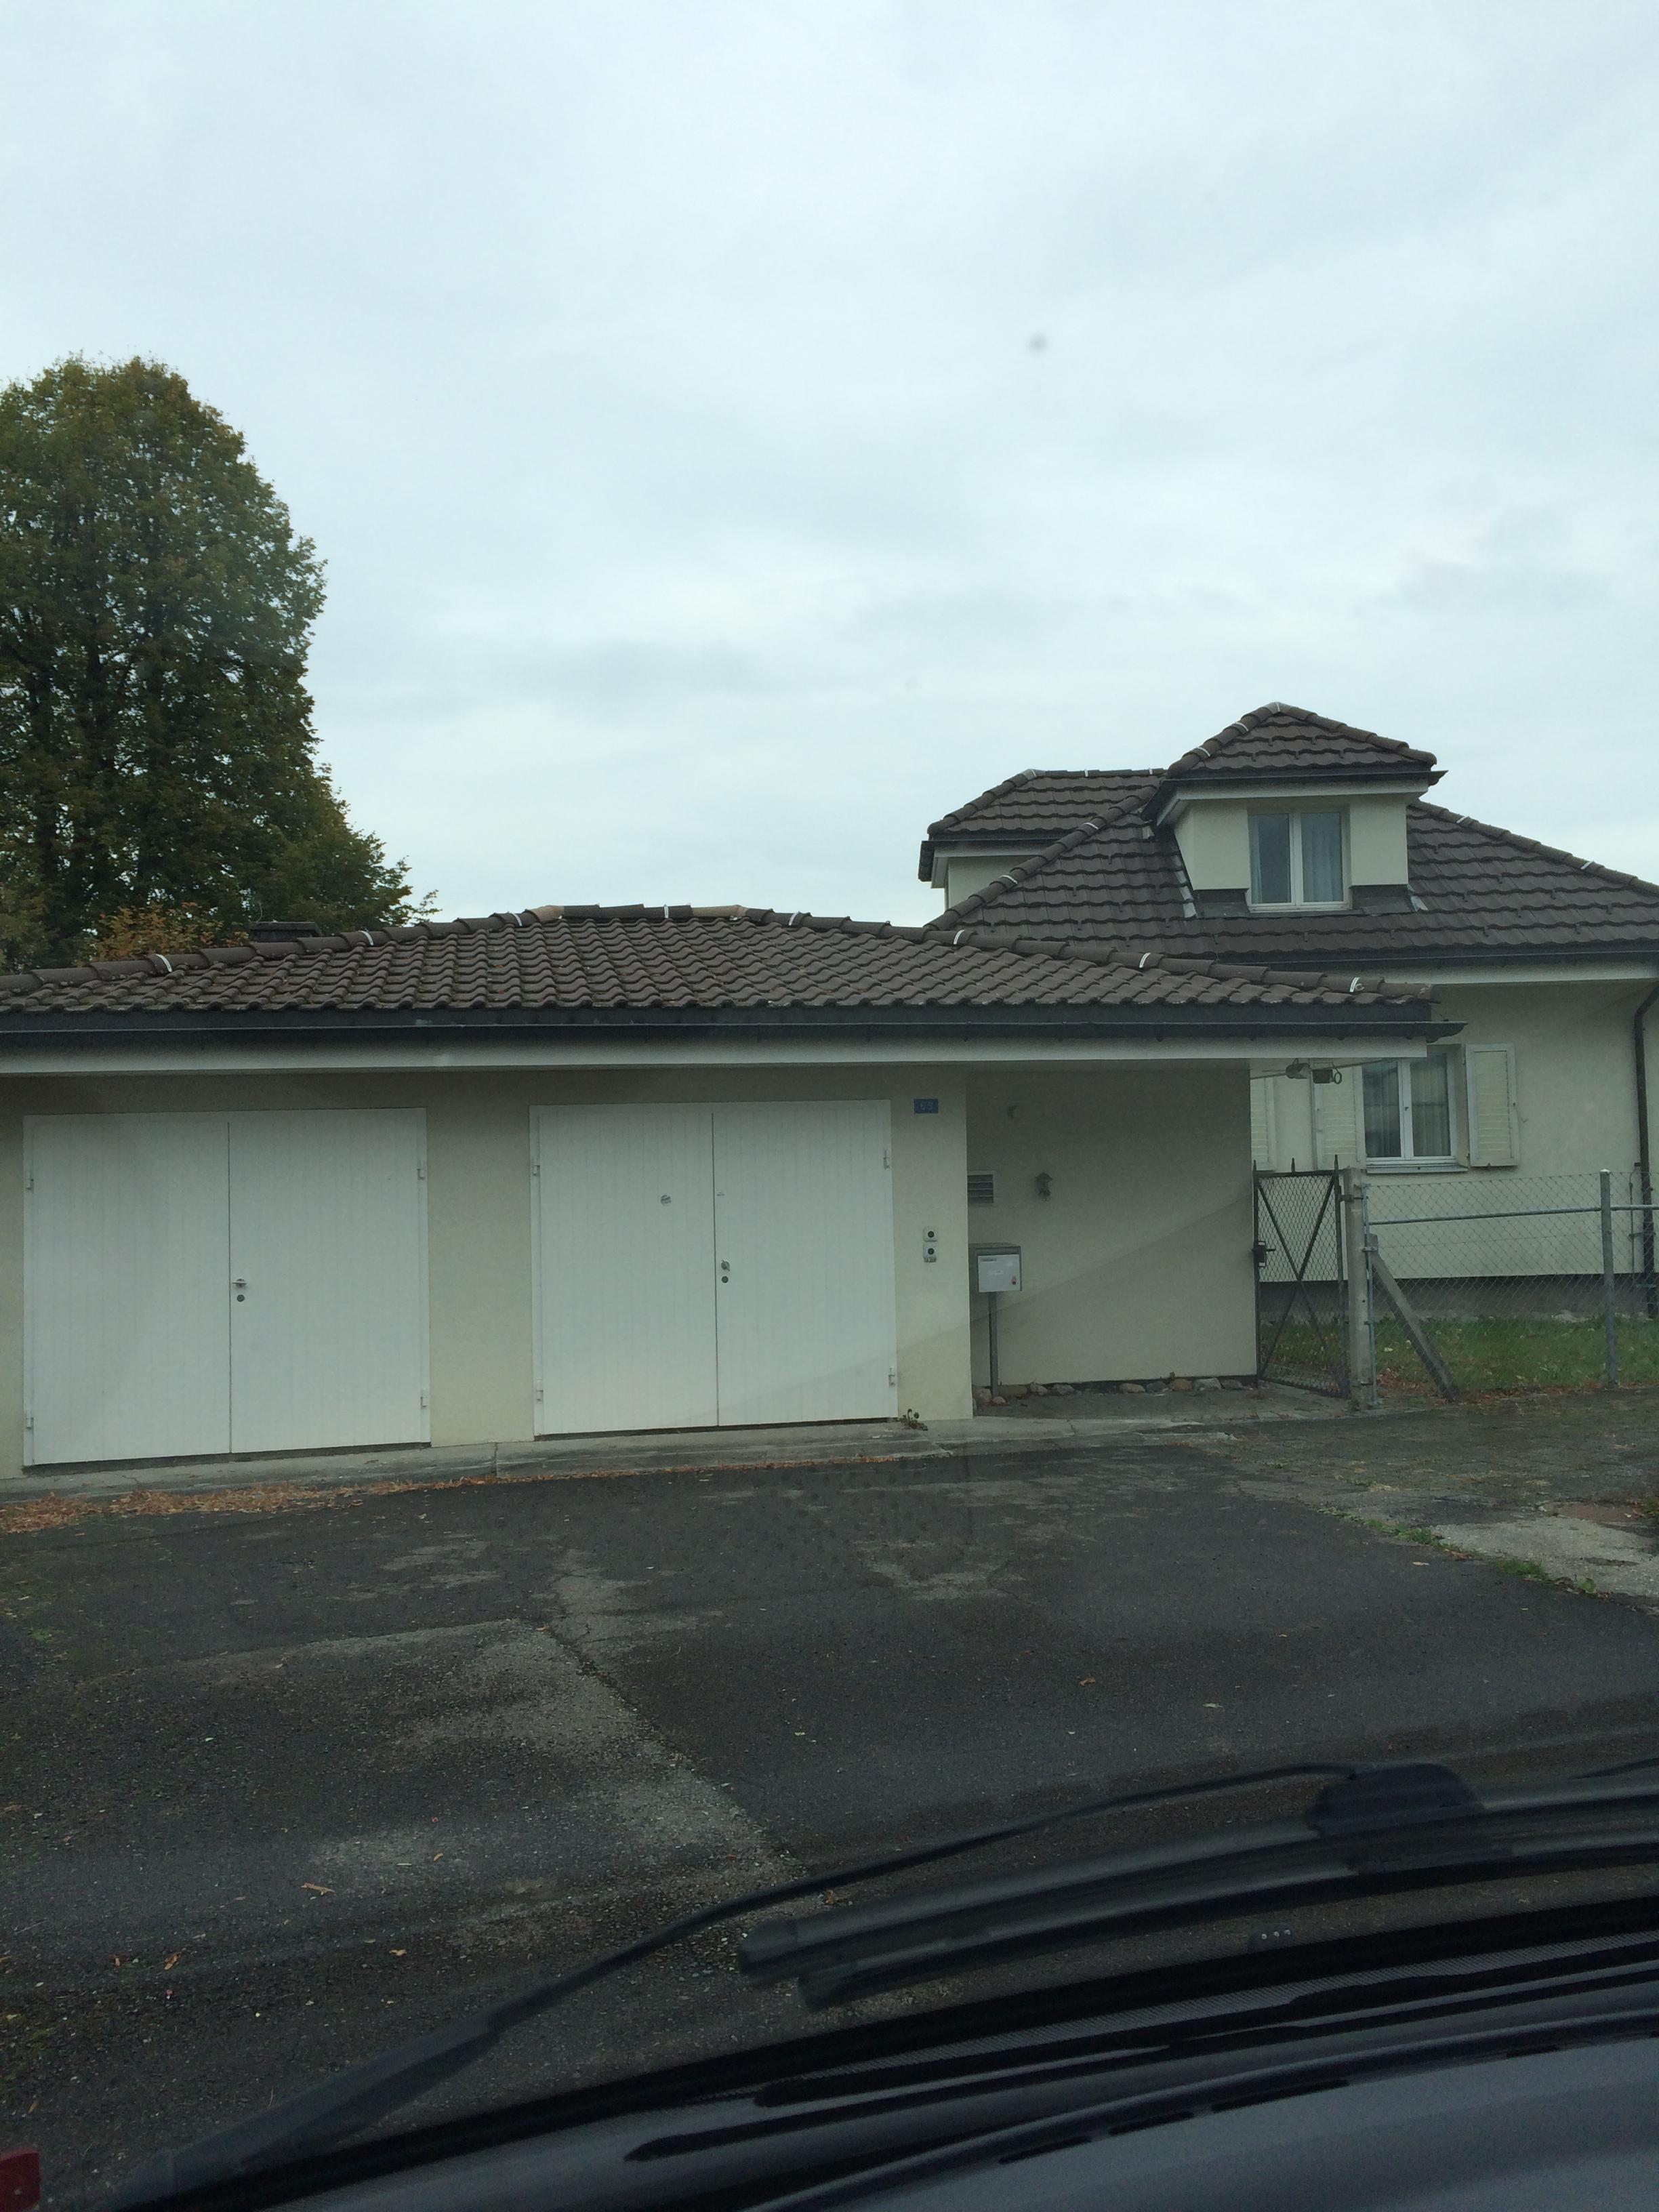 Terrassen & Dachreinigung EFH Altendorf